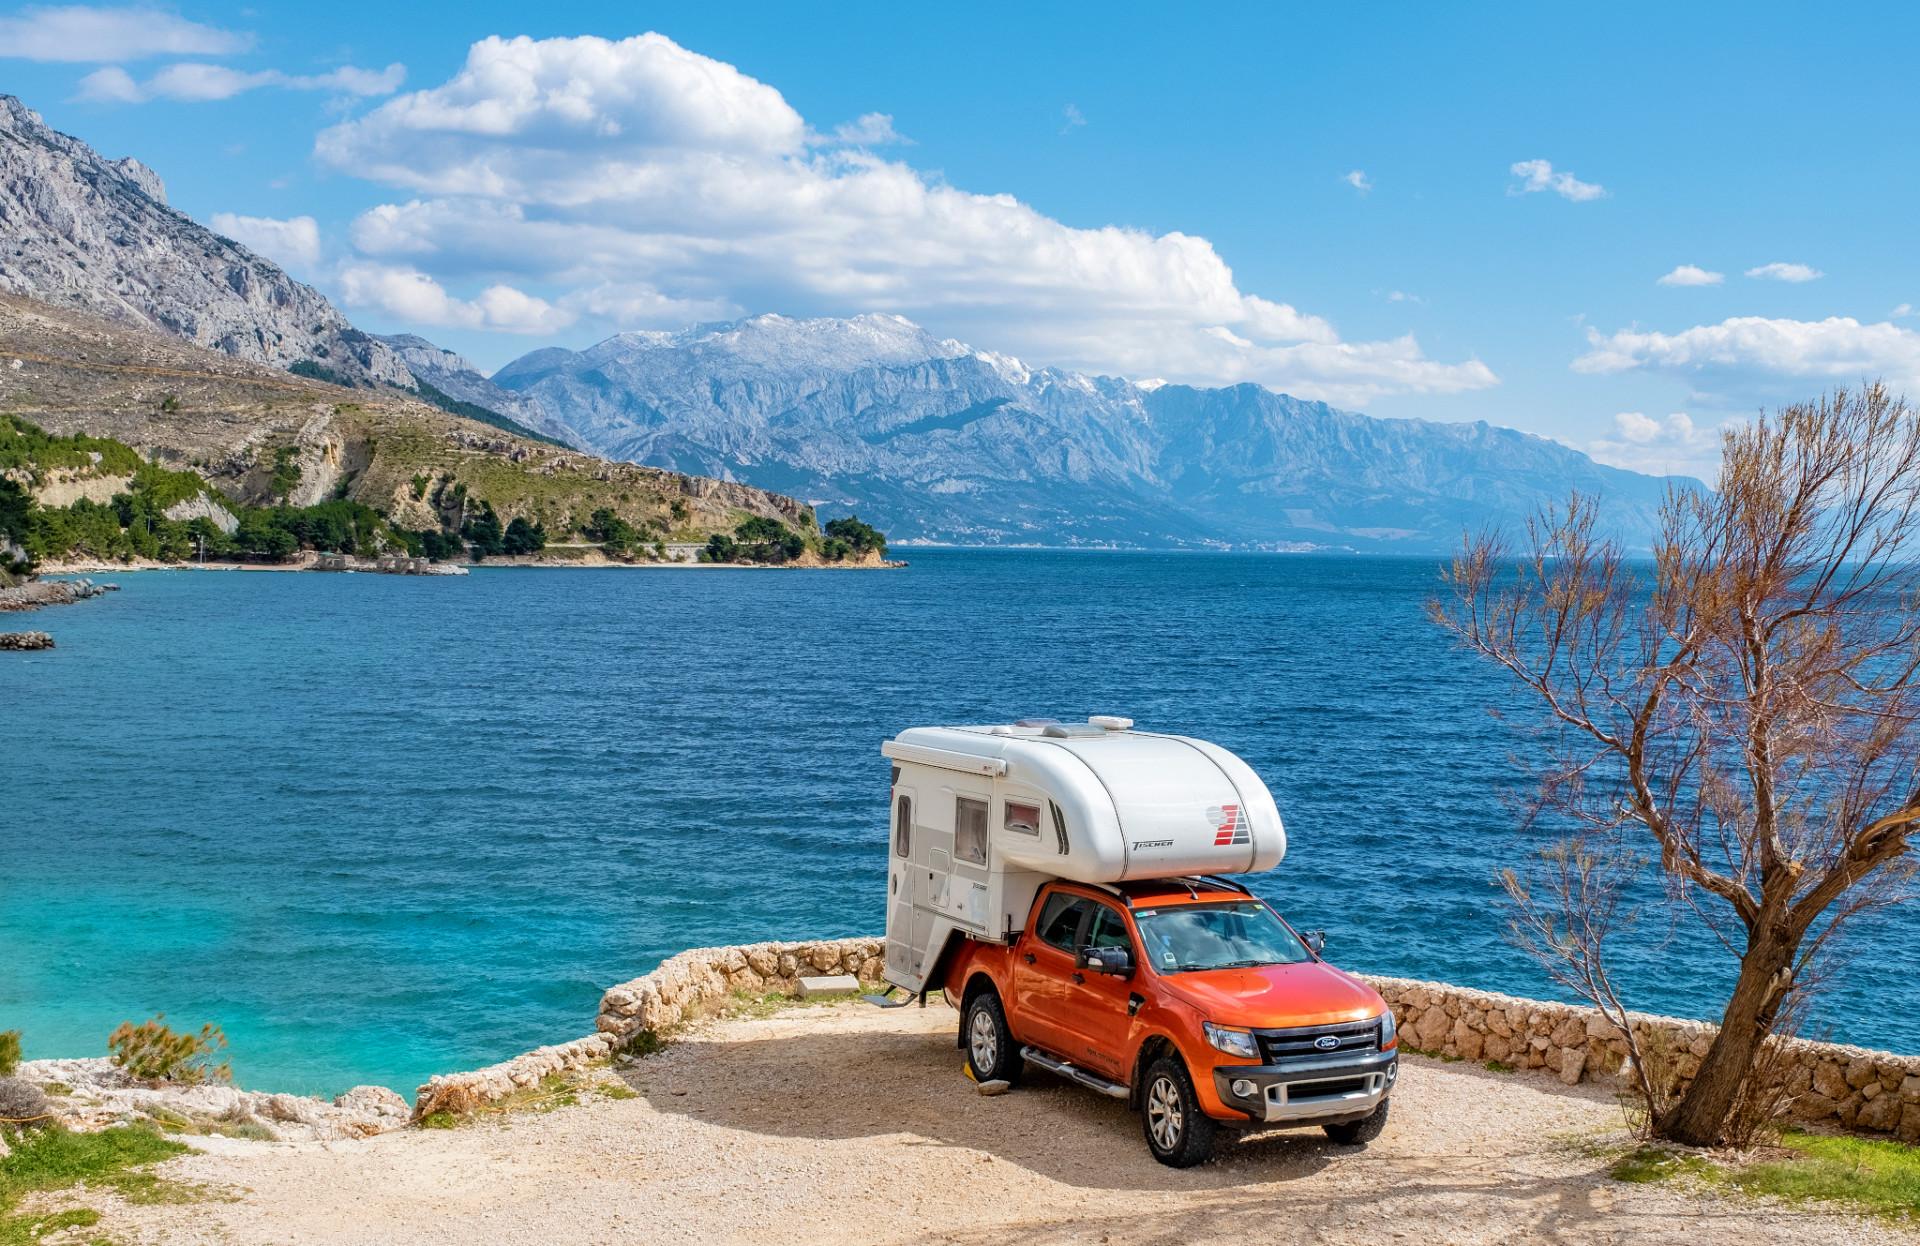 Küste in der Region Dalmatia in Kroatien